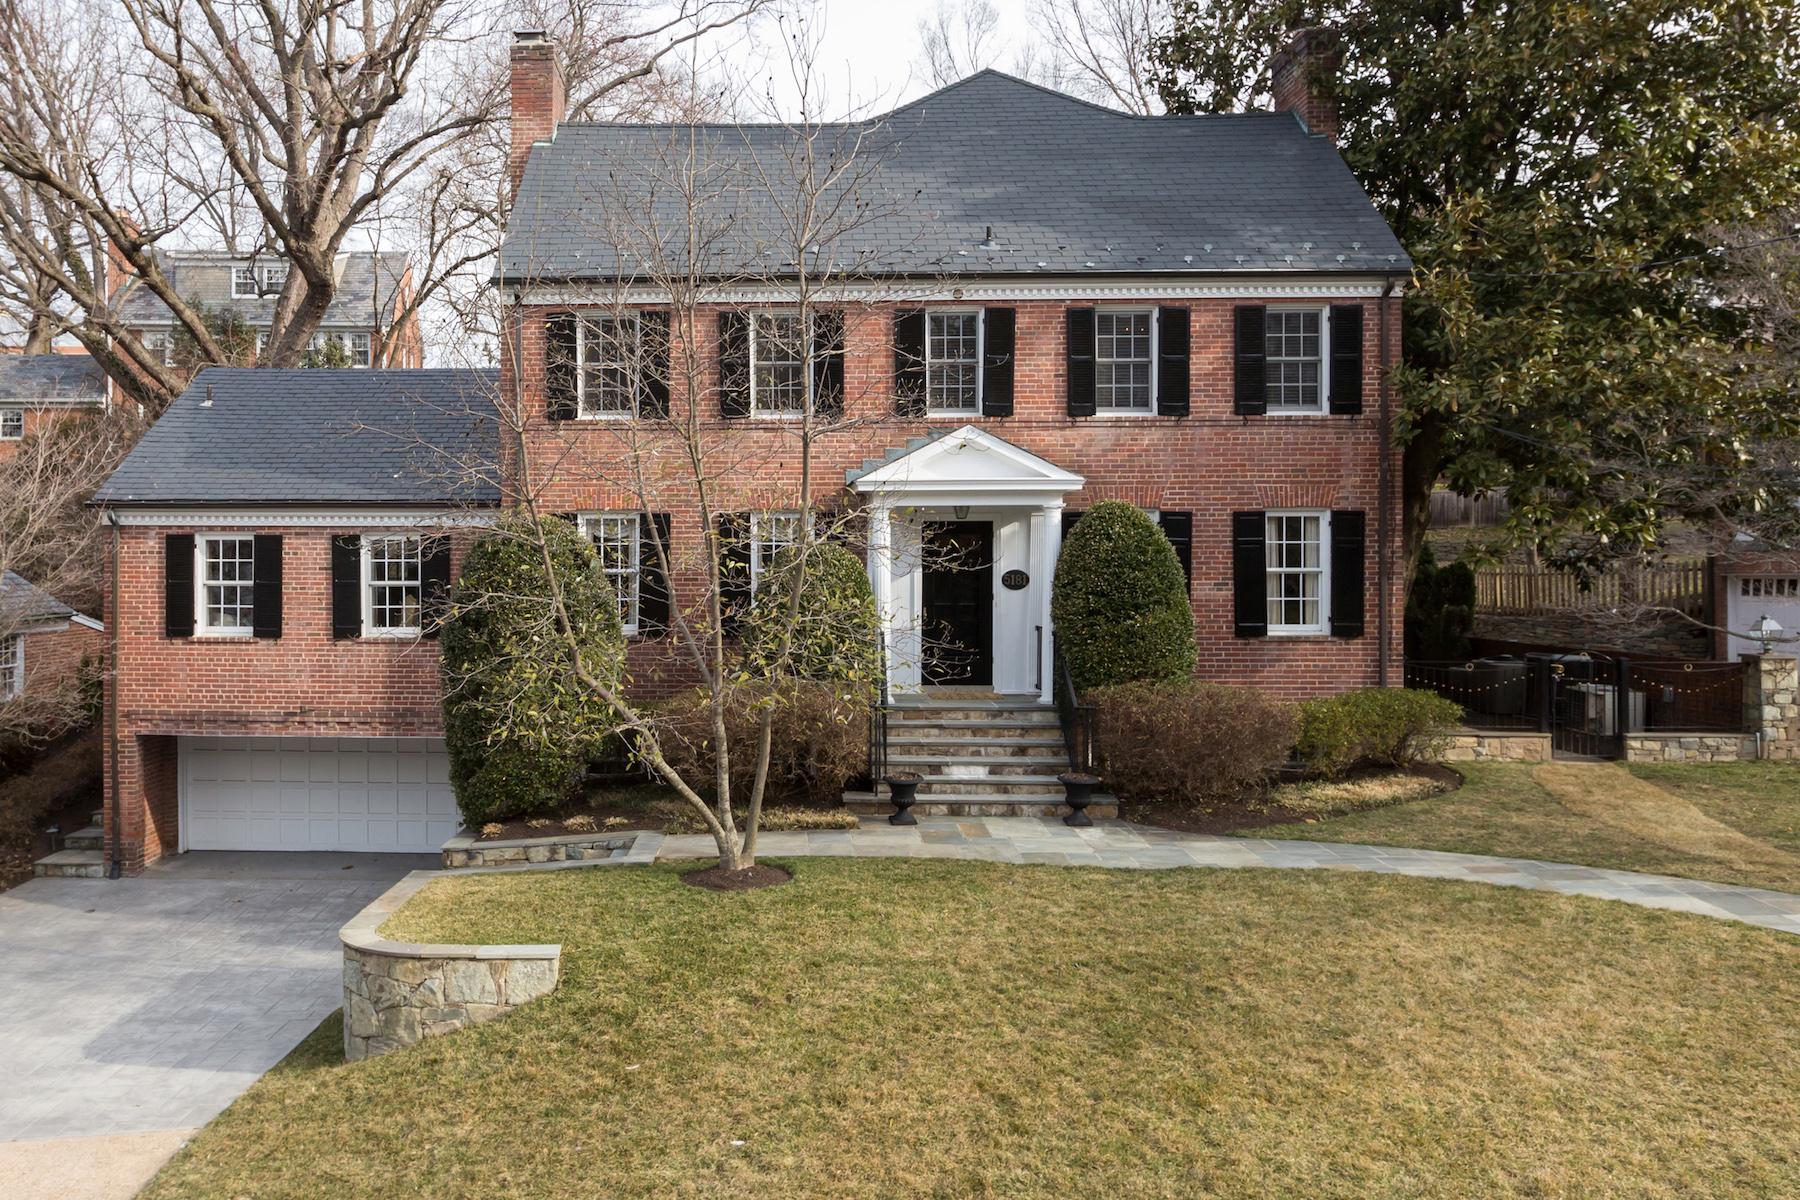 独户住宅 为 销售 在 Kent 5181 Watson Street Nw 华盛顿市, 哥伦比亚特区, 20016 美国